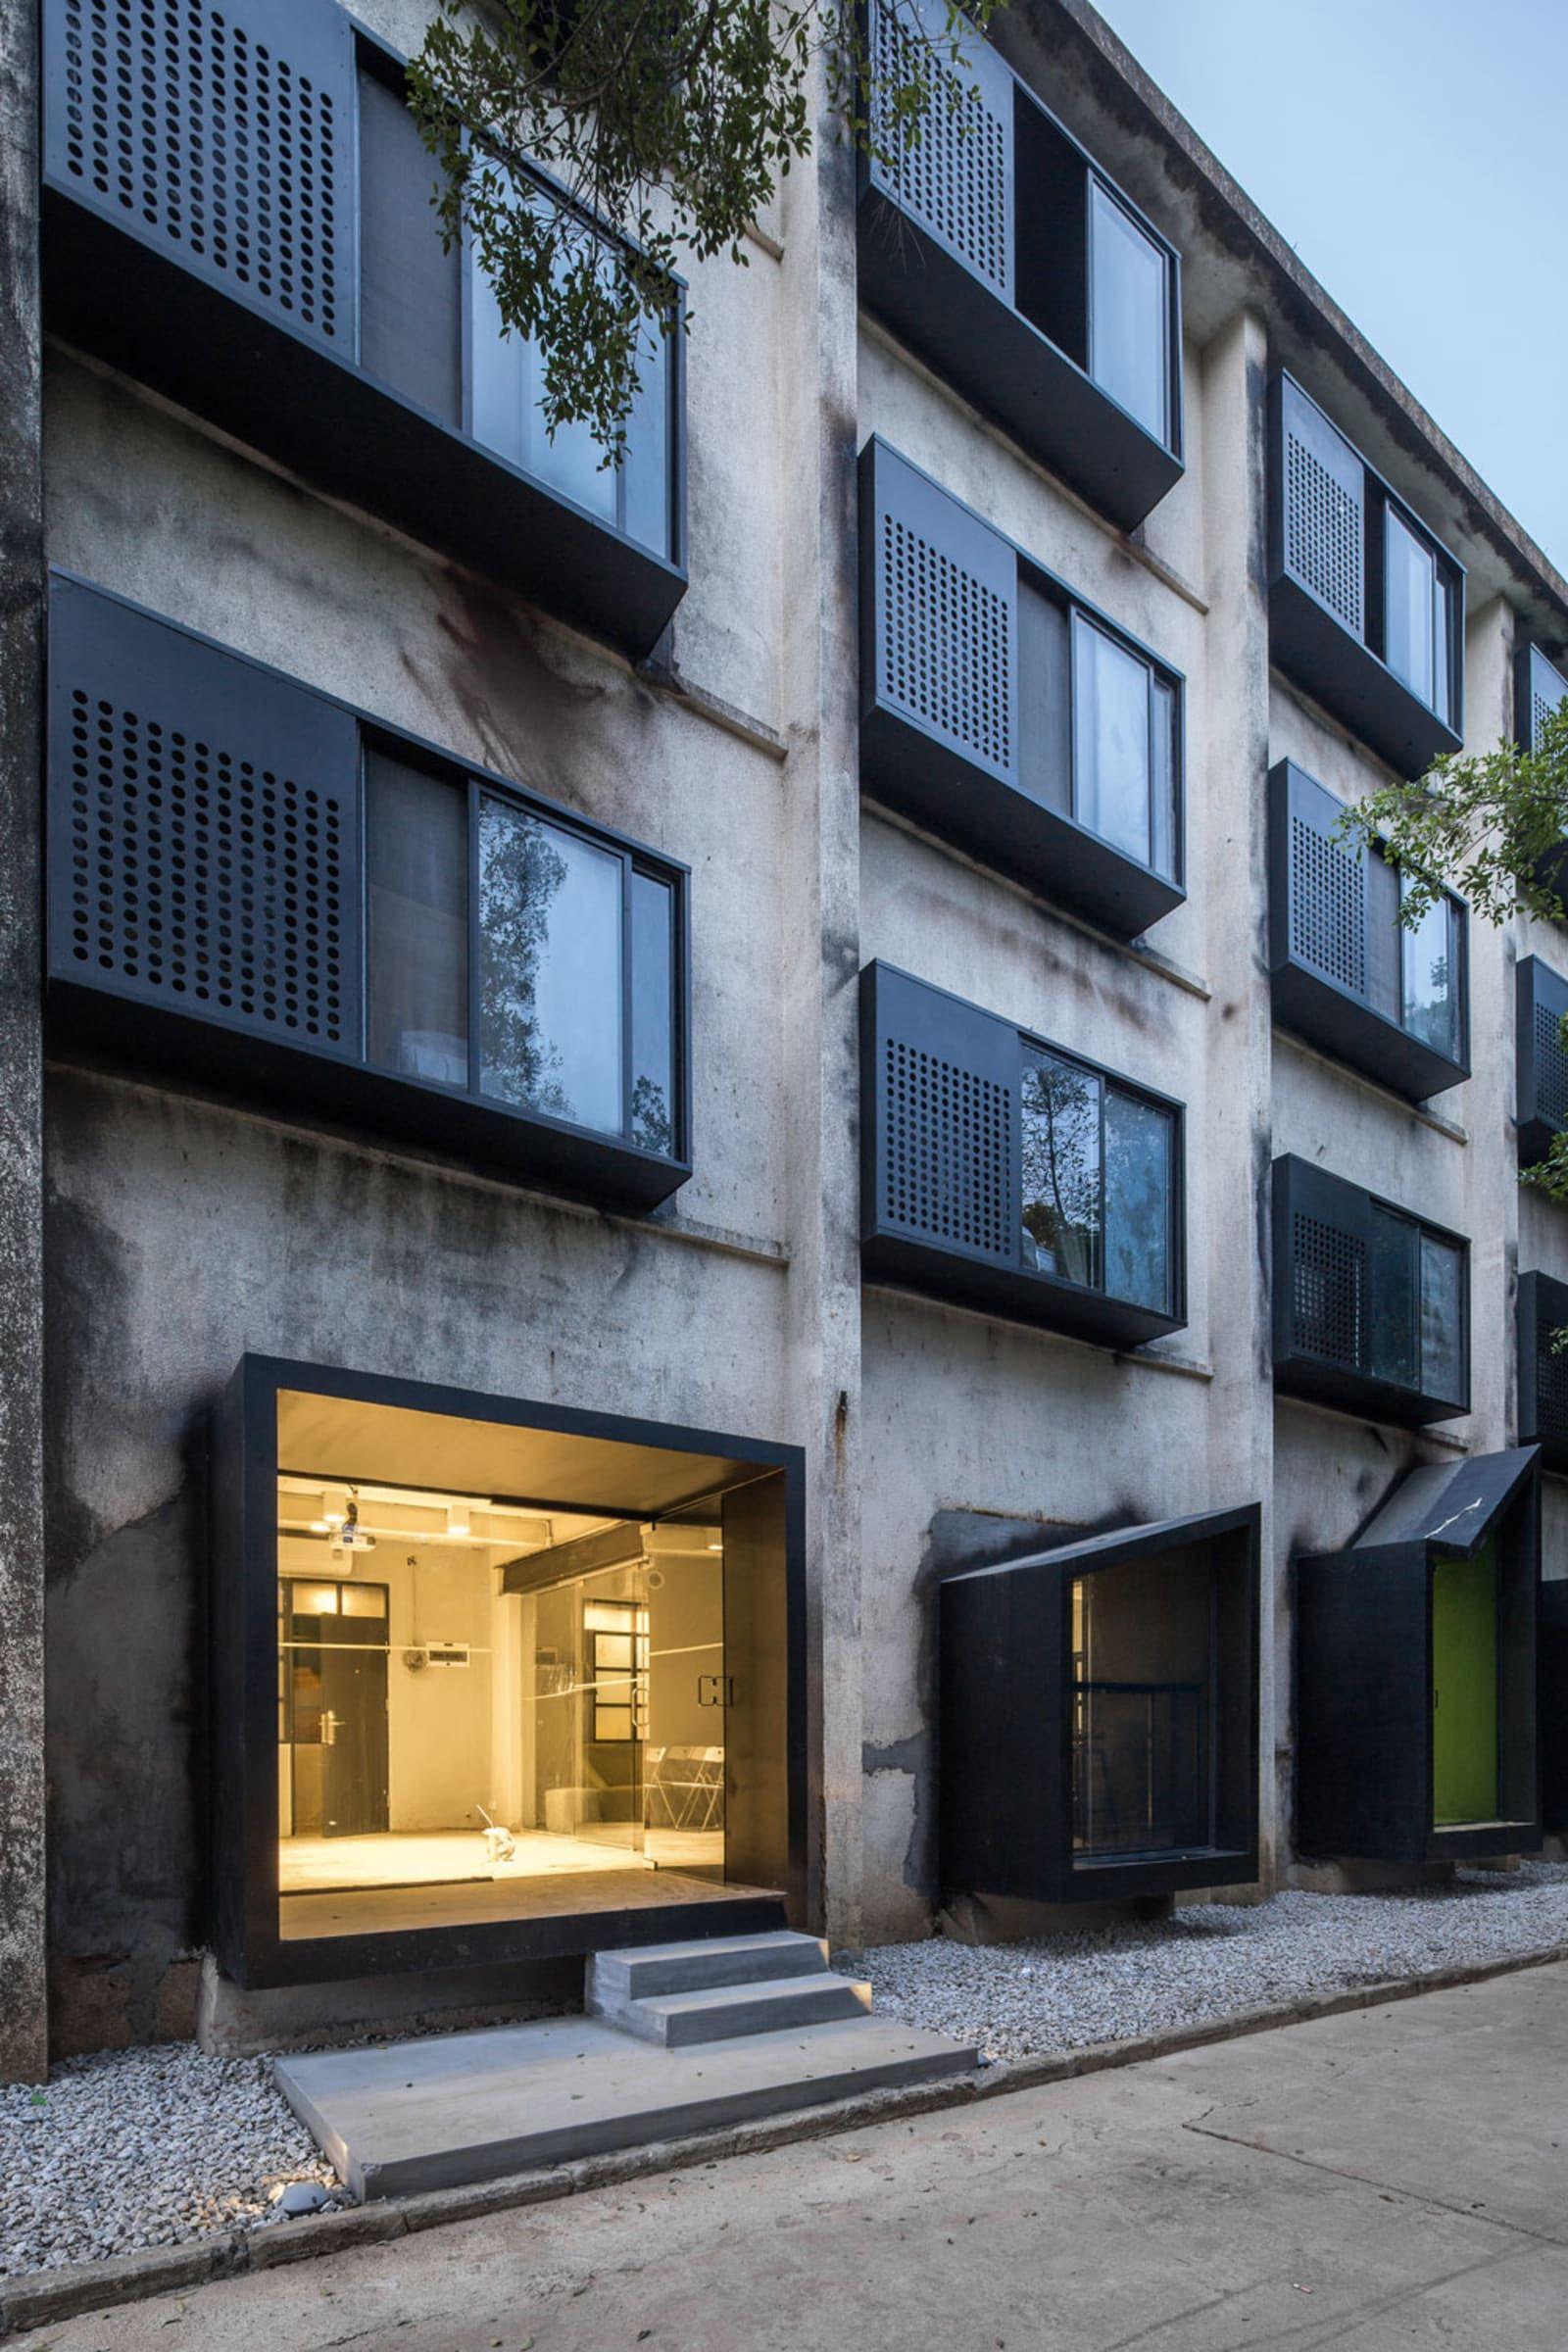 Mehrabad House Sarsayeh Architectural Office: O-office Architects · Youth Hotel Of ID Town Ramen Erker Schrijnwerk Inkom Gevel Zwa…